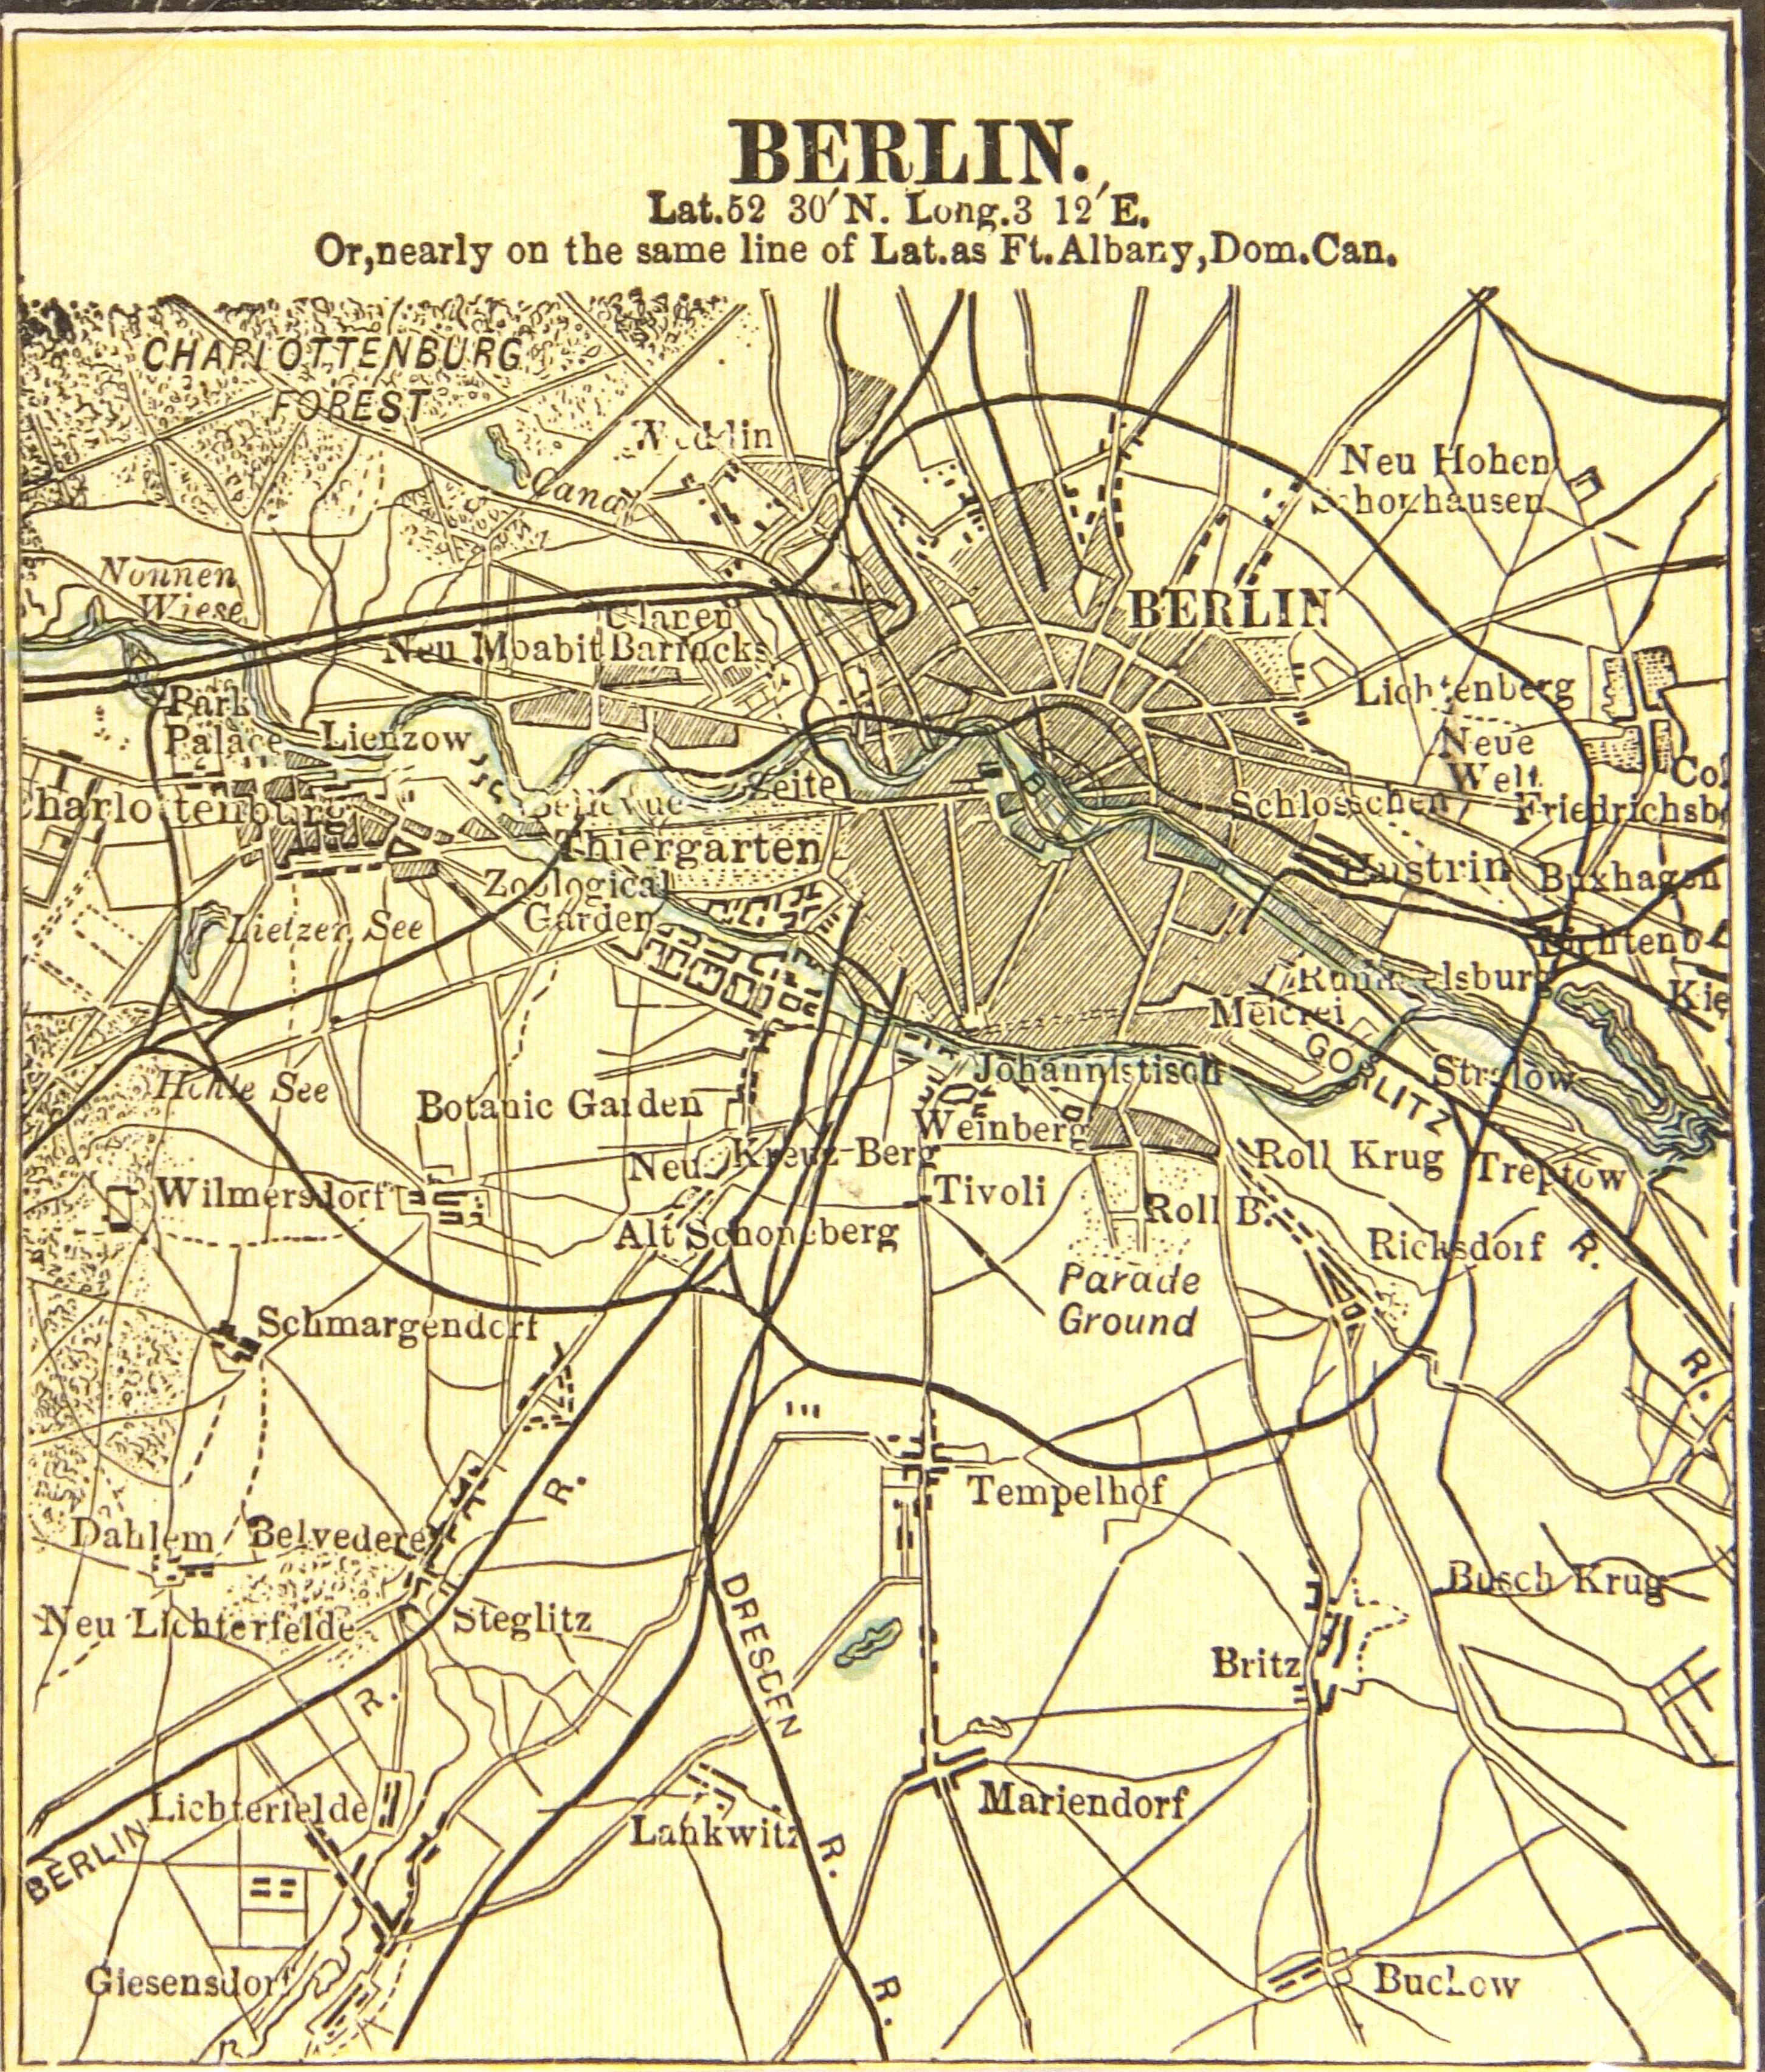 Berlin Map, 1889-main-7330K